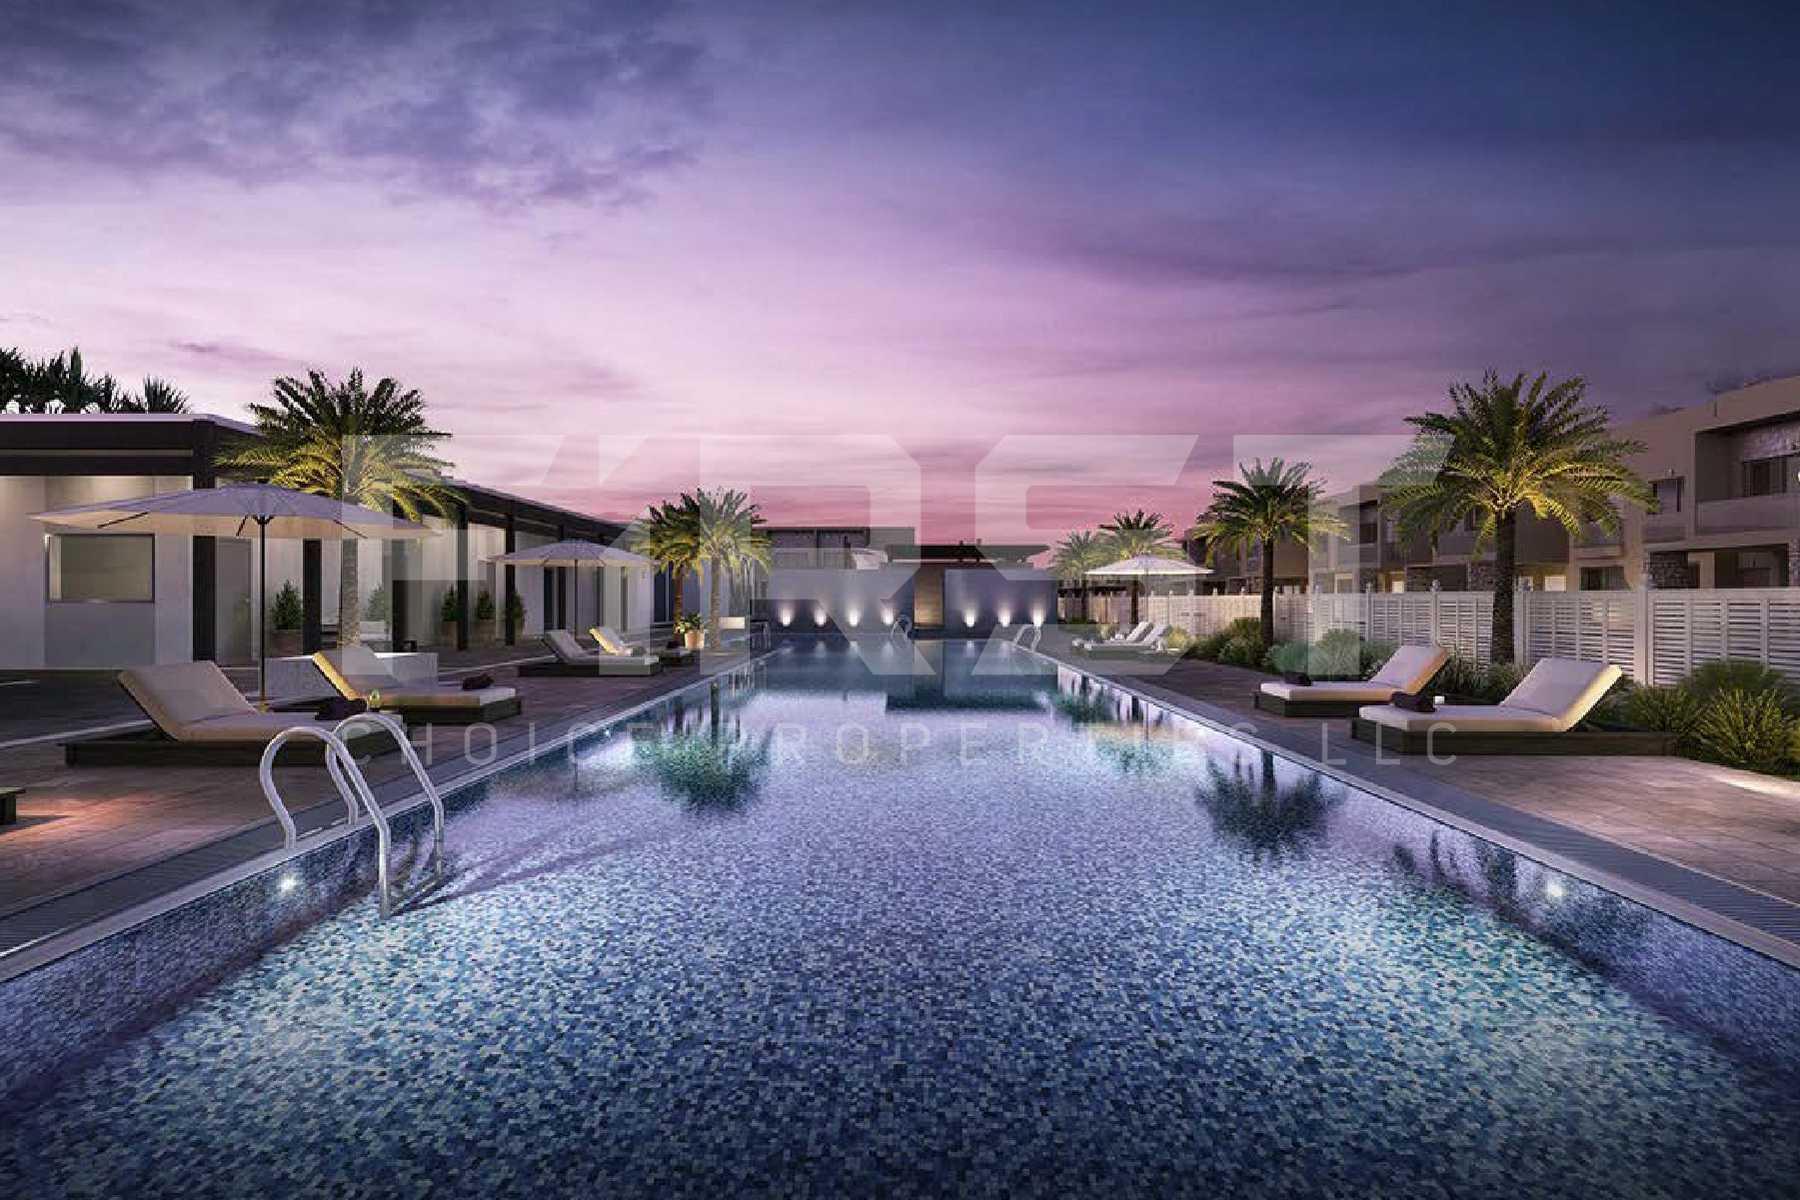 Yas Acres Yas Island Abu Dhabi UAE (7).jpg